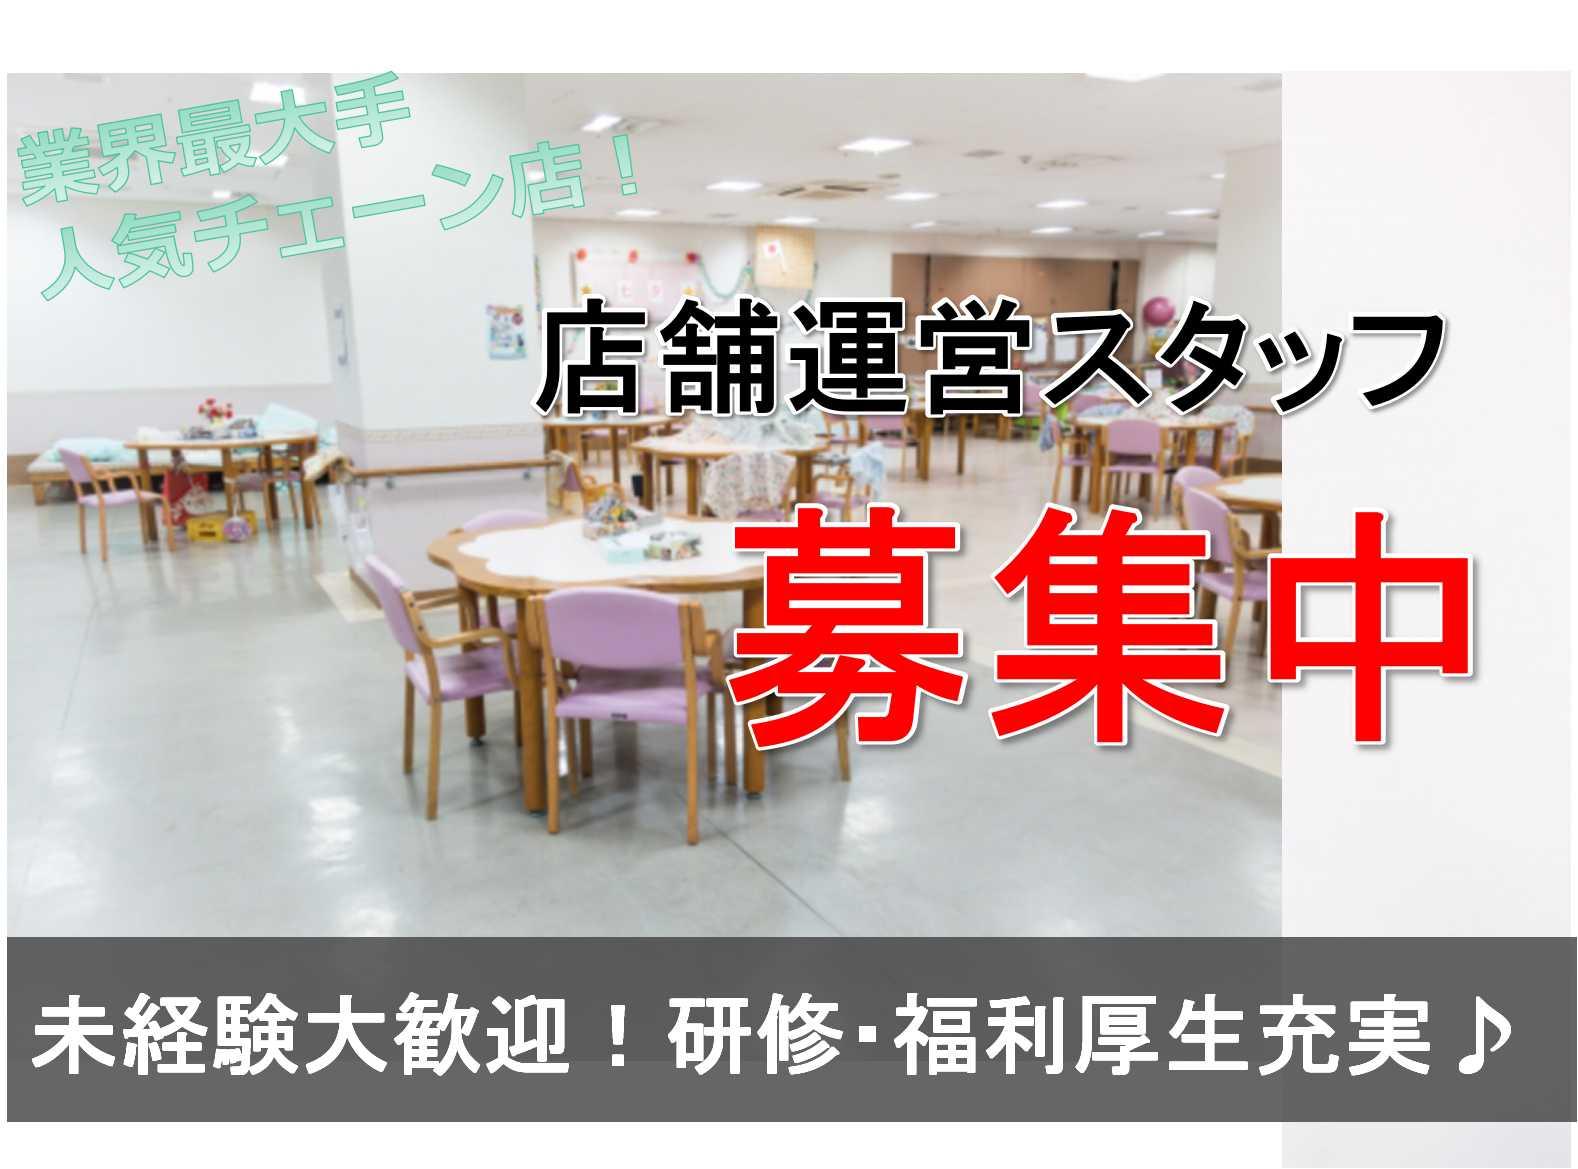 【急募】飲食店なのに包丁を使わない!?未経験でも大丈夫!店舗運営スタッフ イメージ